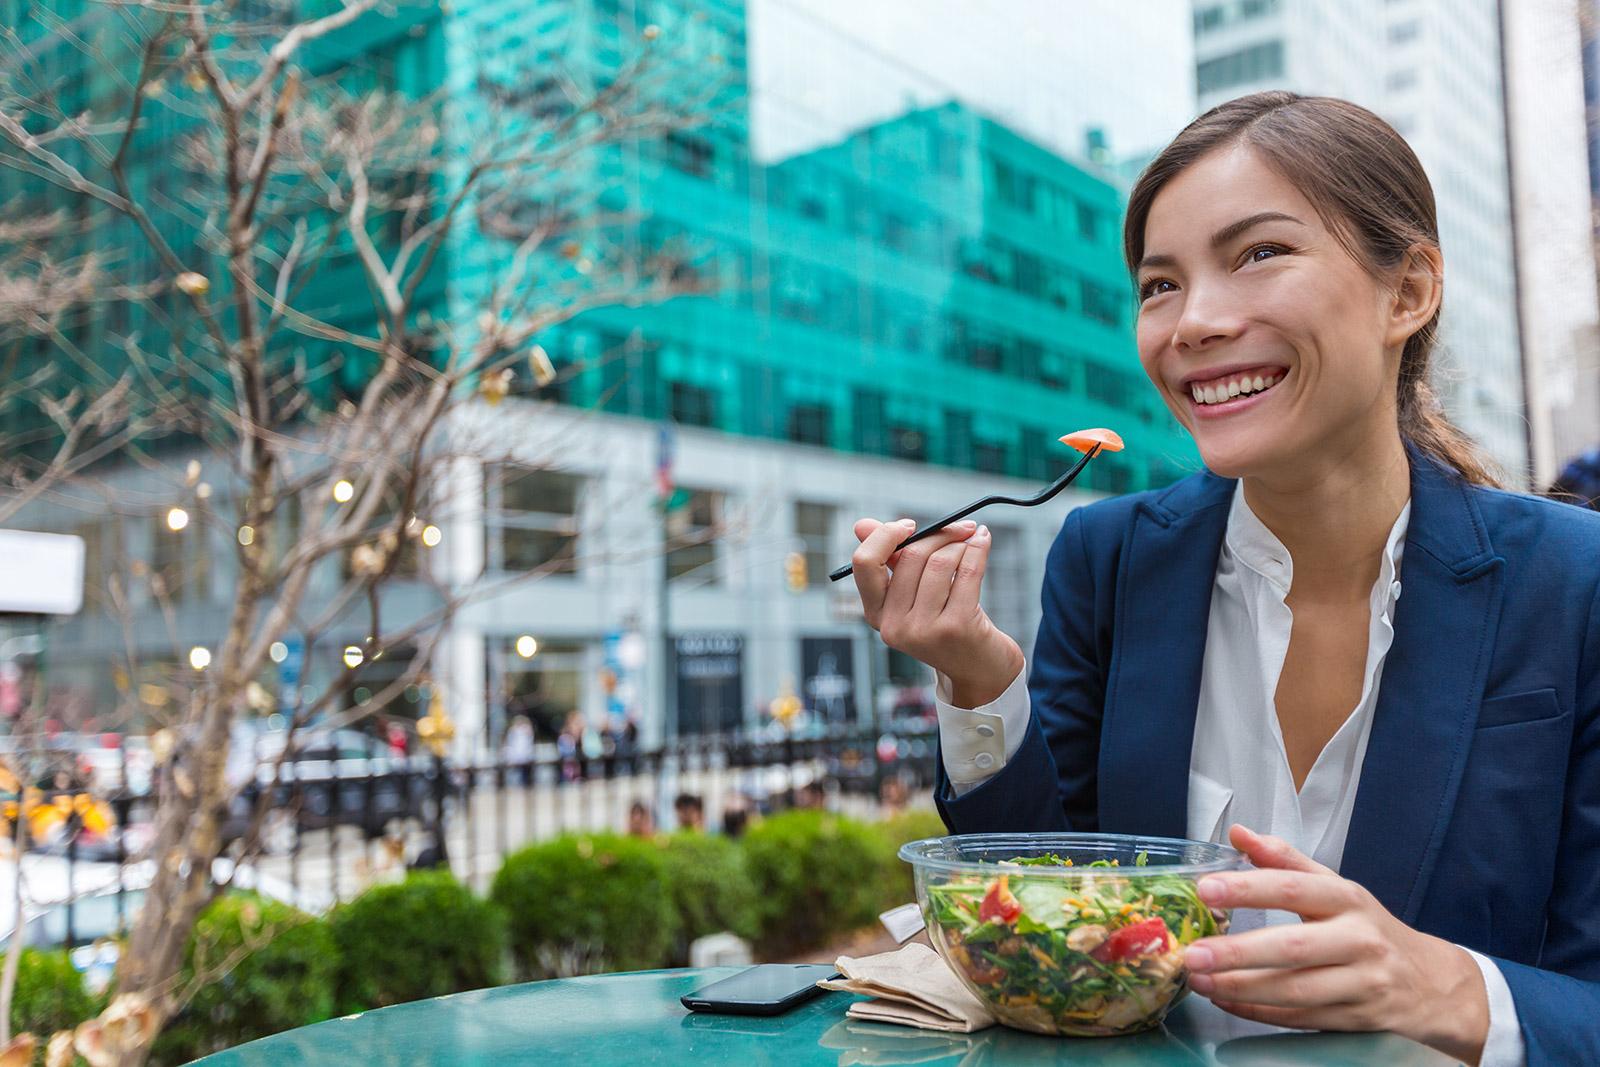 immagine donna in pausa pranzo fuori casa